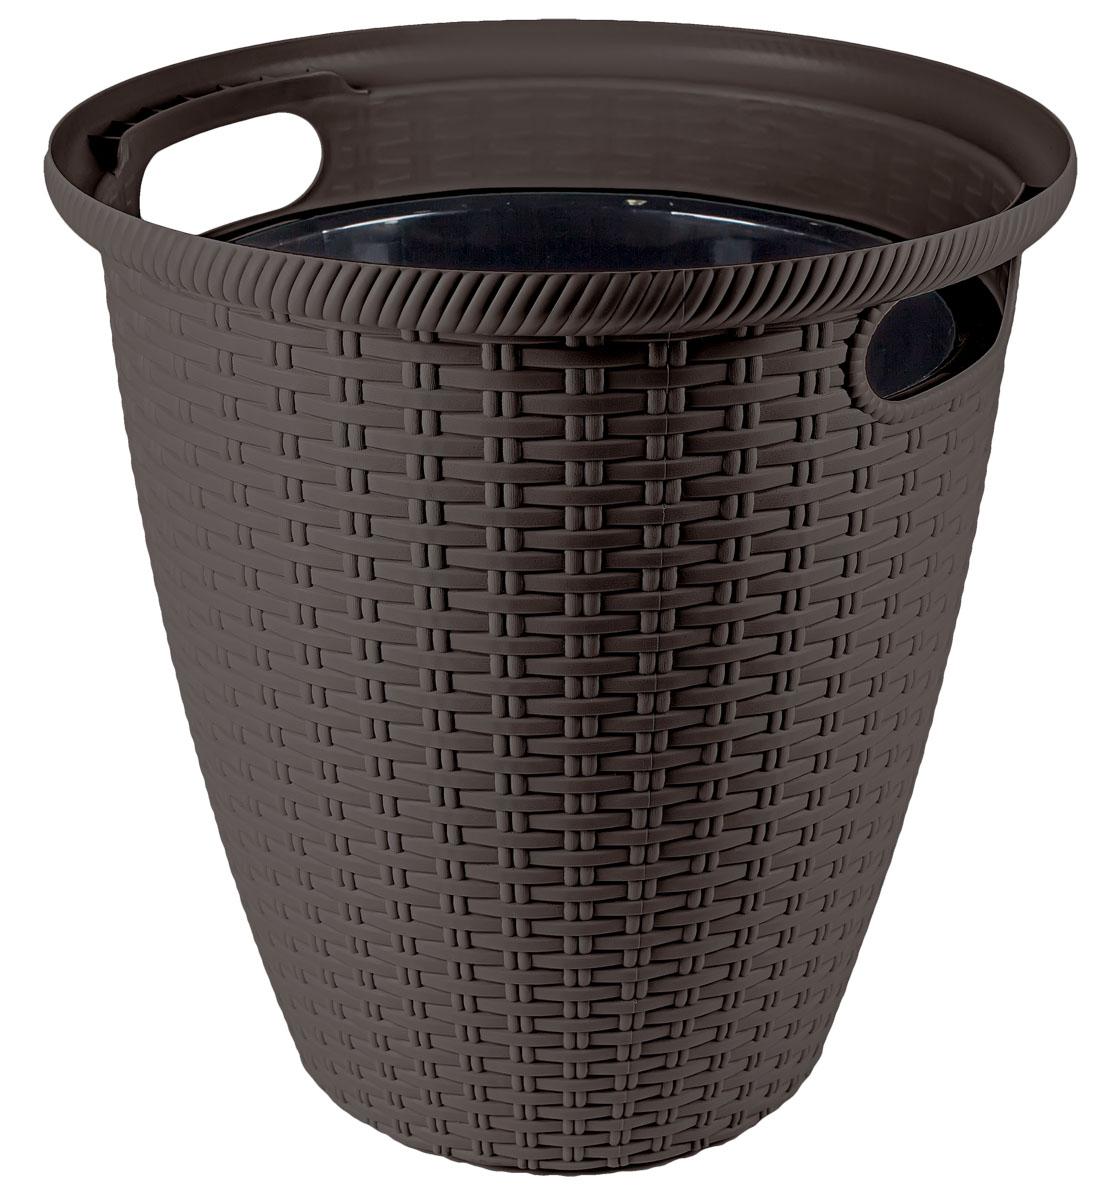 Кашпо InGreen Ротанг, напольное, цвет: венге, диаметр 38 см41624Кашпо InGreen Ротанг изготовлено из высококачественного пластика с плетеной текстурой. Такое кашпо прекрасно подойдет для выращивания растений и цветов в домашних условиях. Лаконичный дизайн впишется в интерьер любого помещения. Размер кашпо: 38 х 38 х 37,8 см.